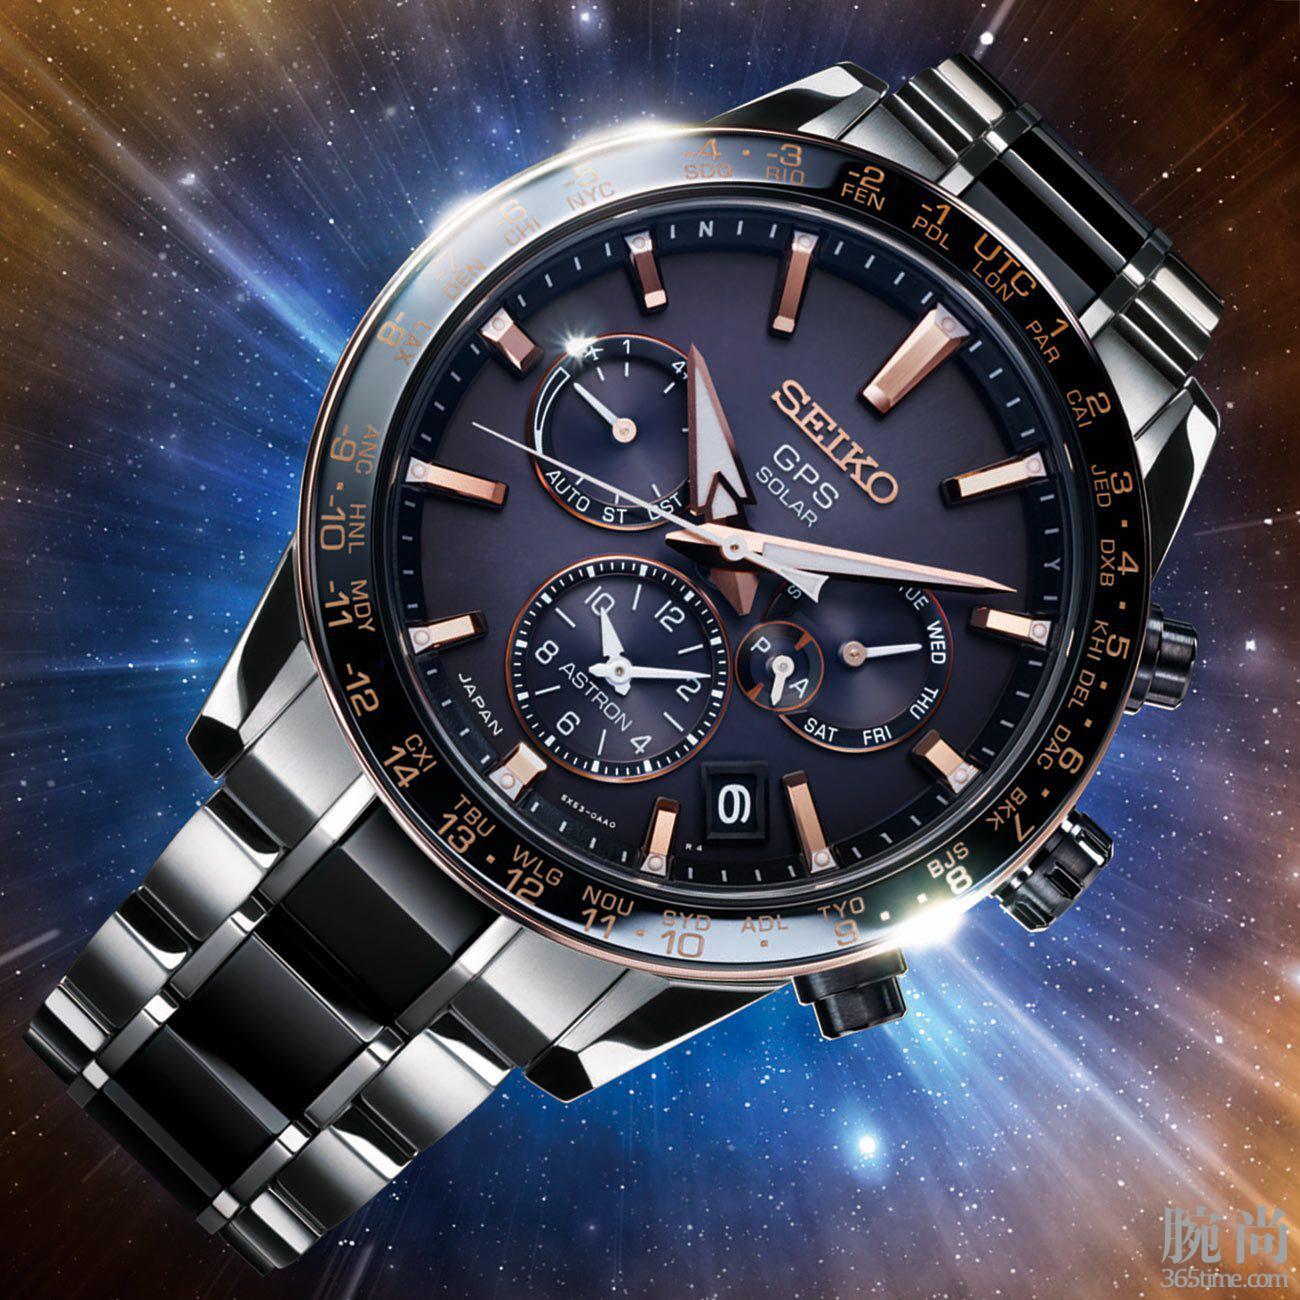 Seiko-Astron-GPS-Solar-Dual-Time-5X53-SSH007-1.jpg